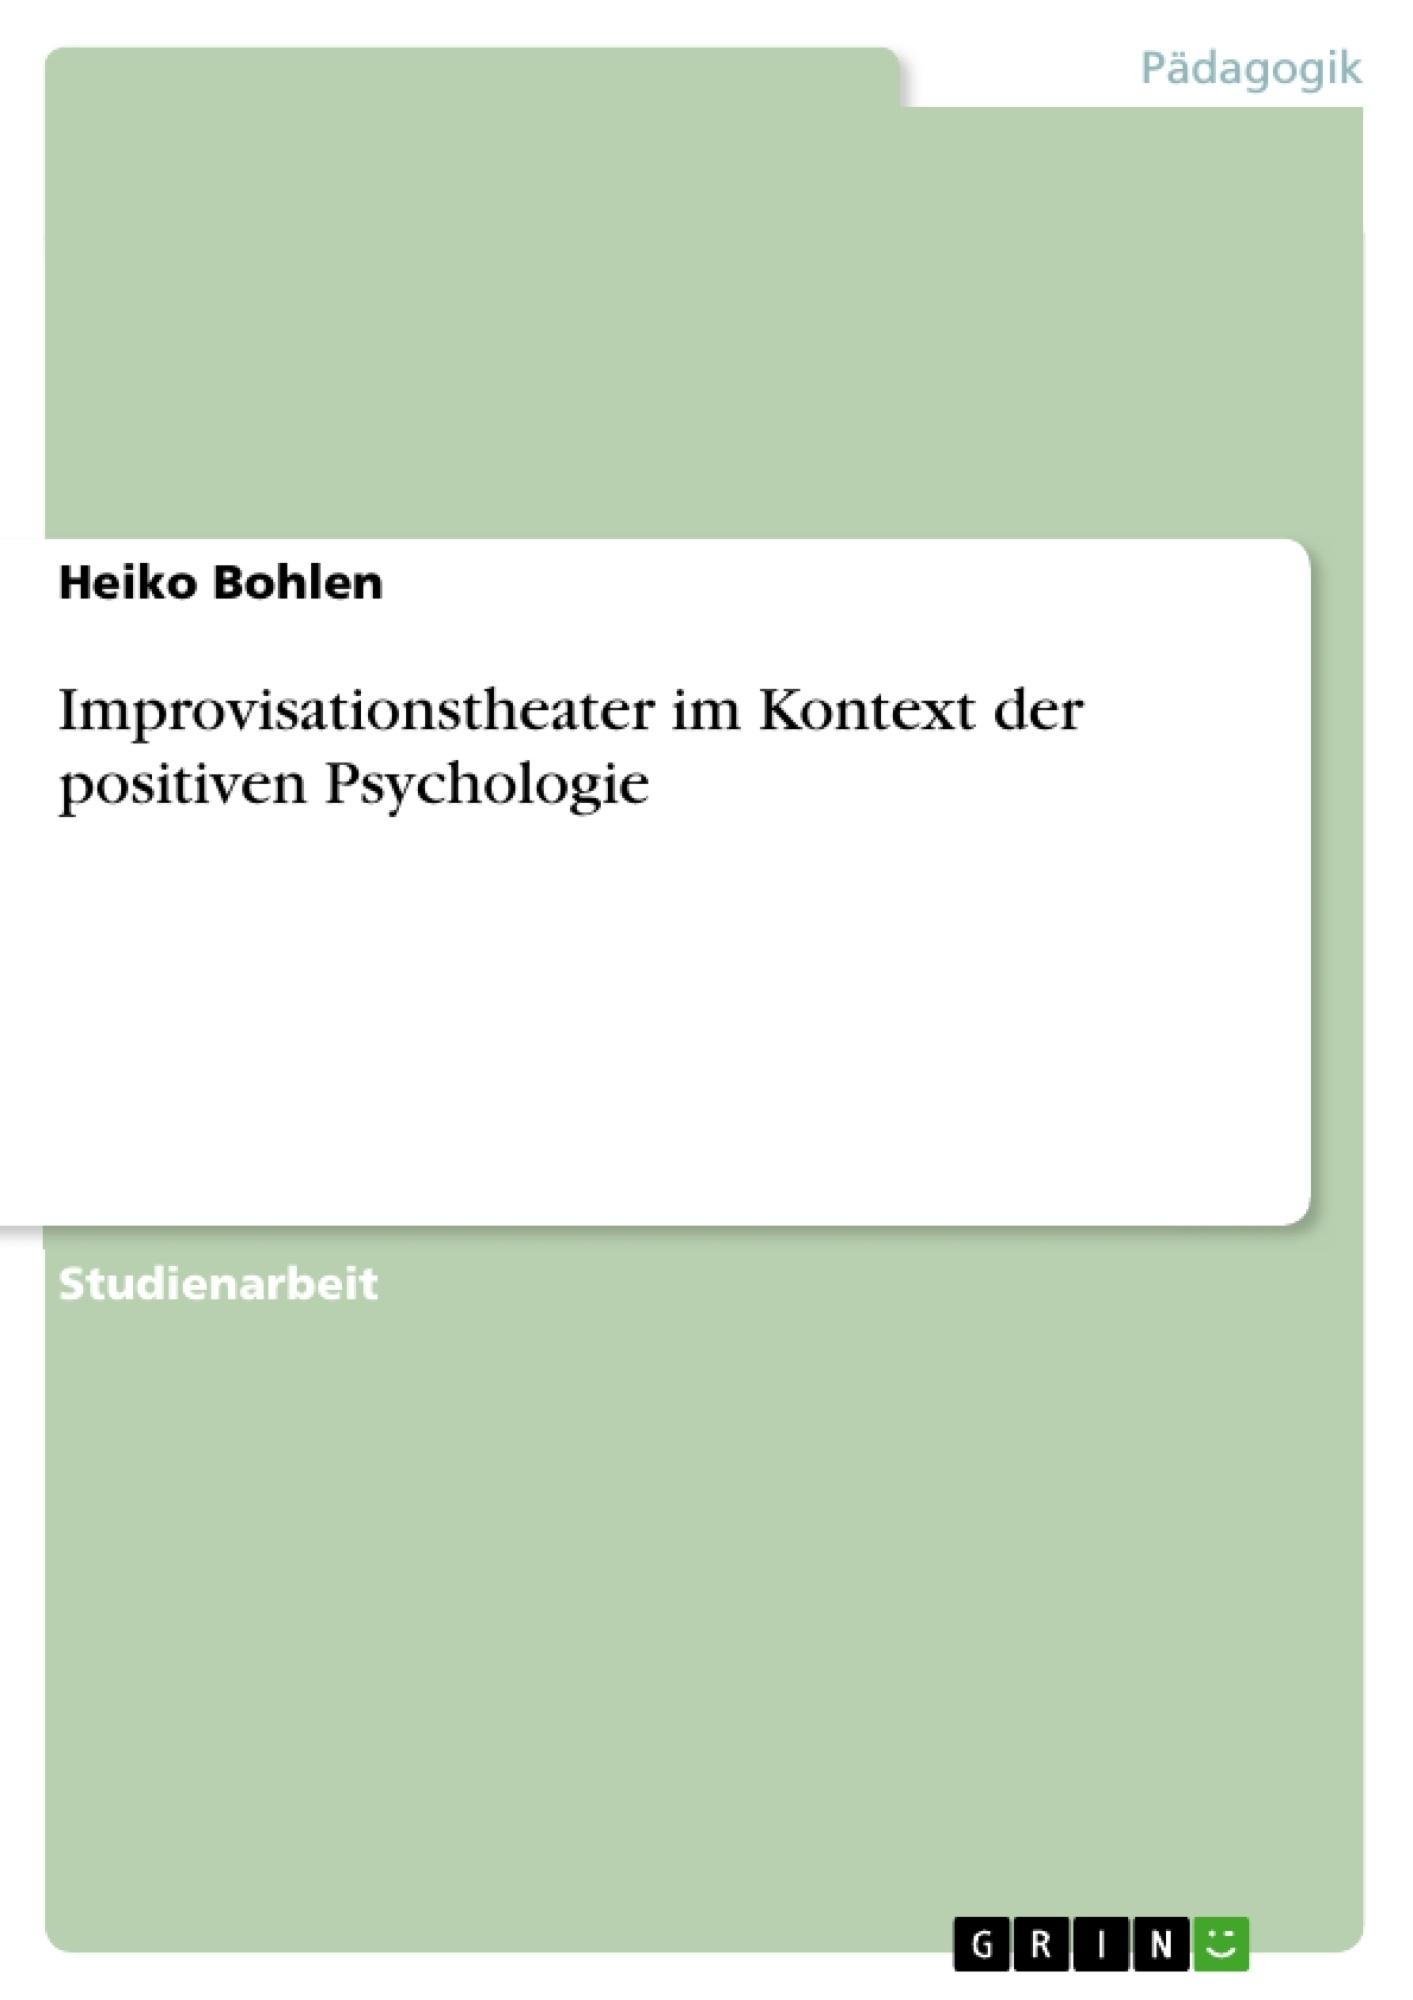 Titel: Improvisationstheater im Kontext der positiven Psychologie